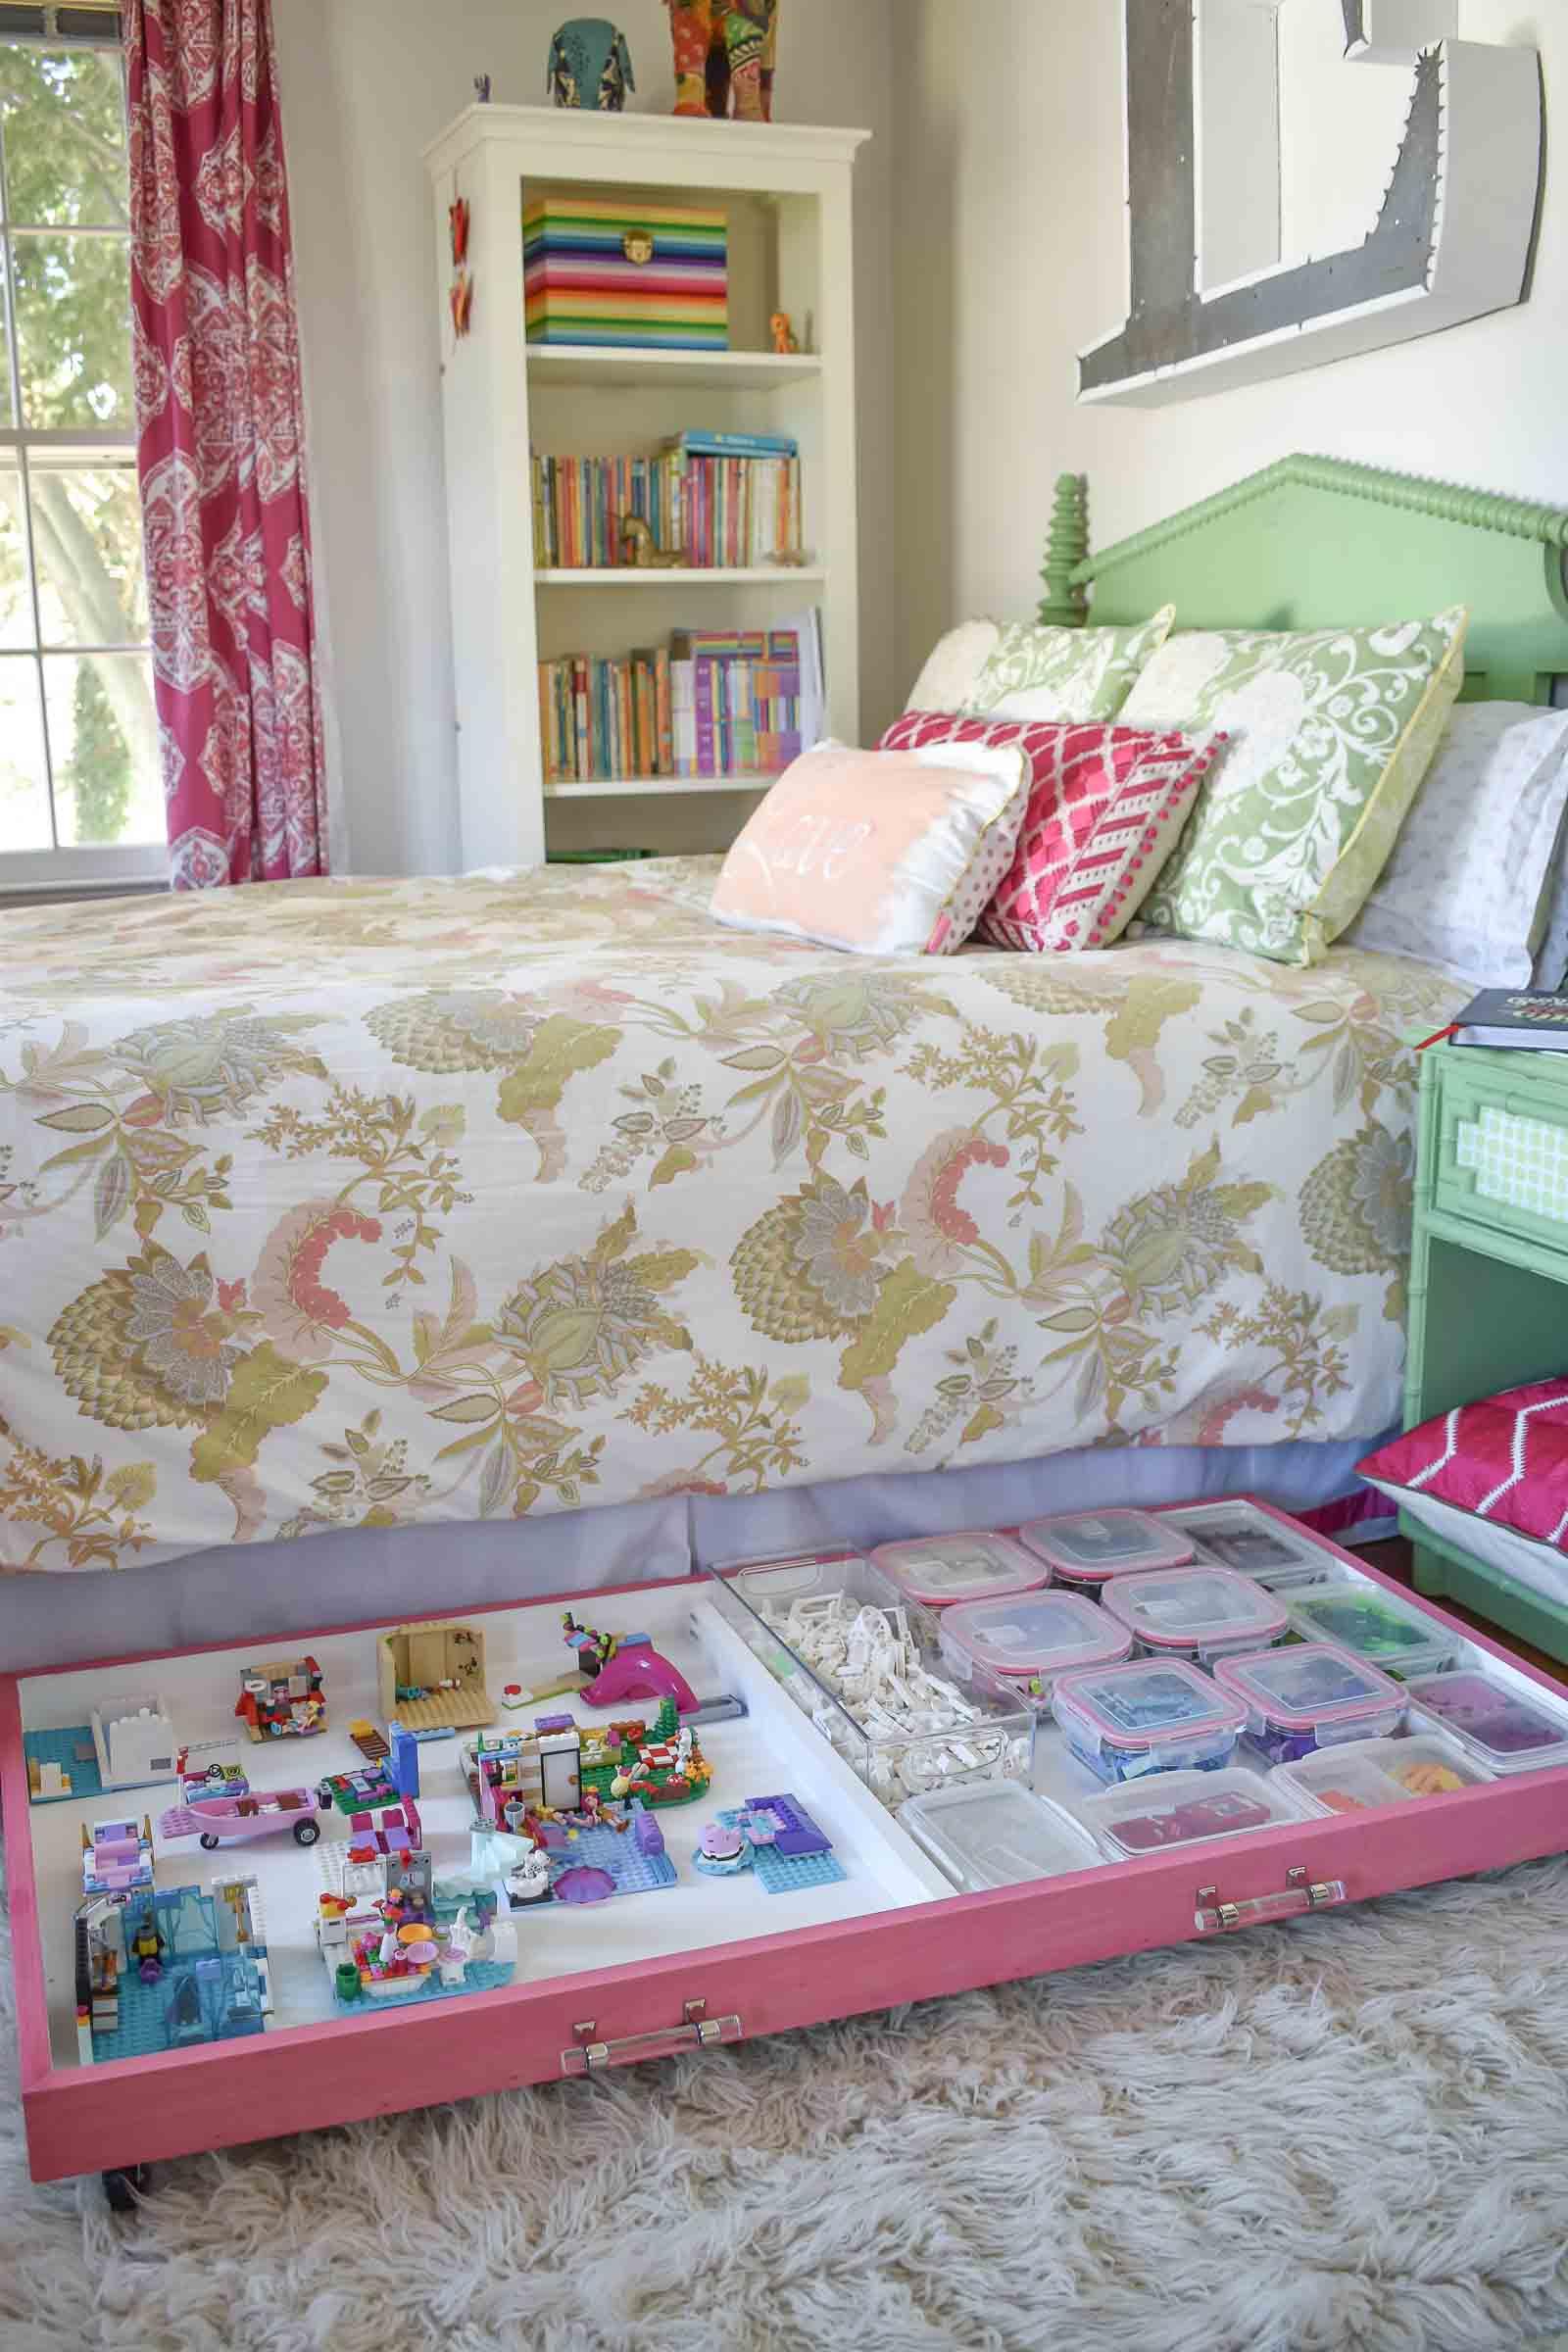 pink lego storage tray